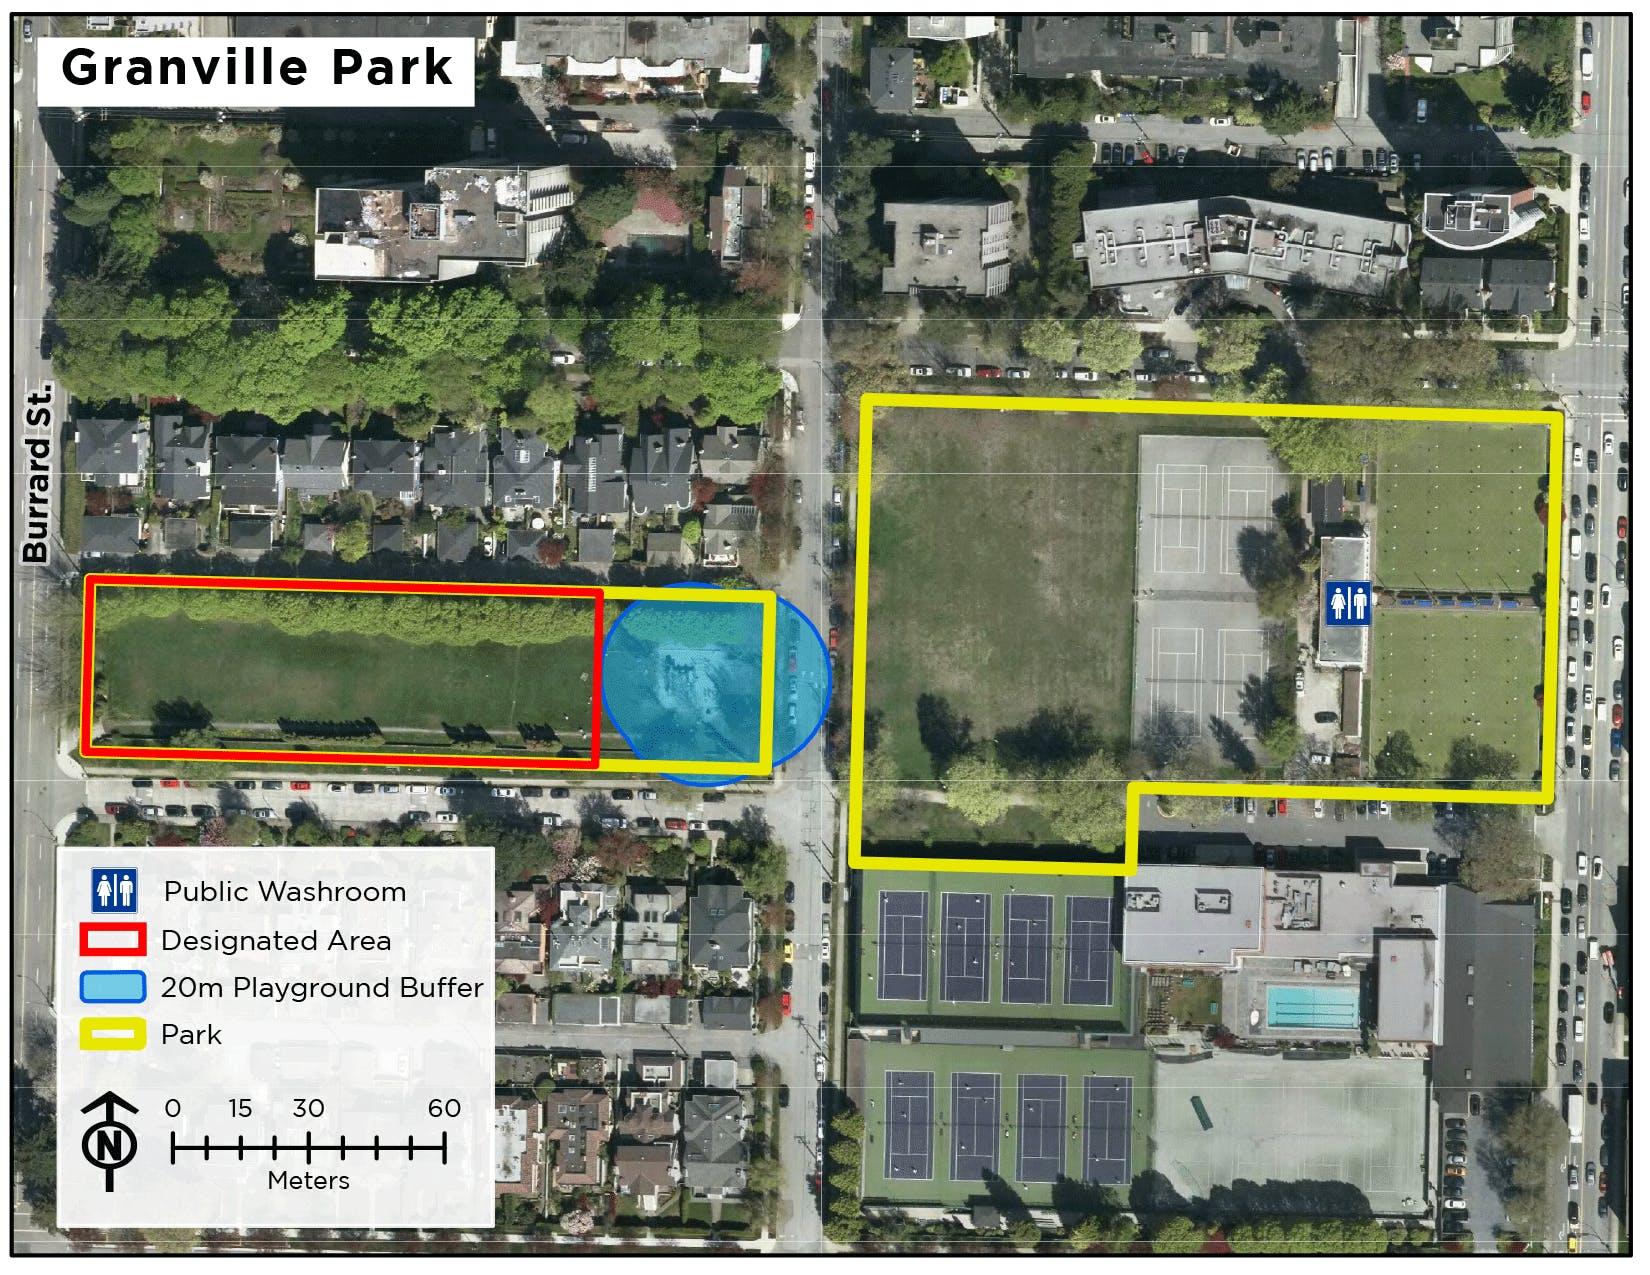 Granville Park